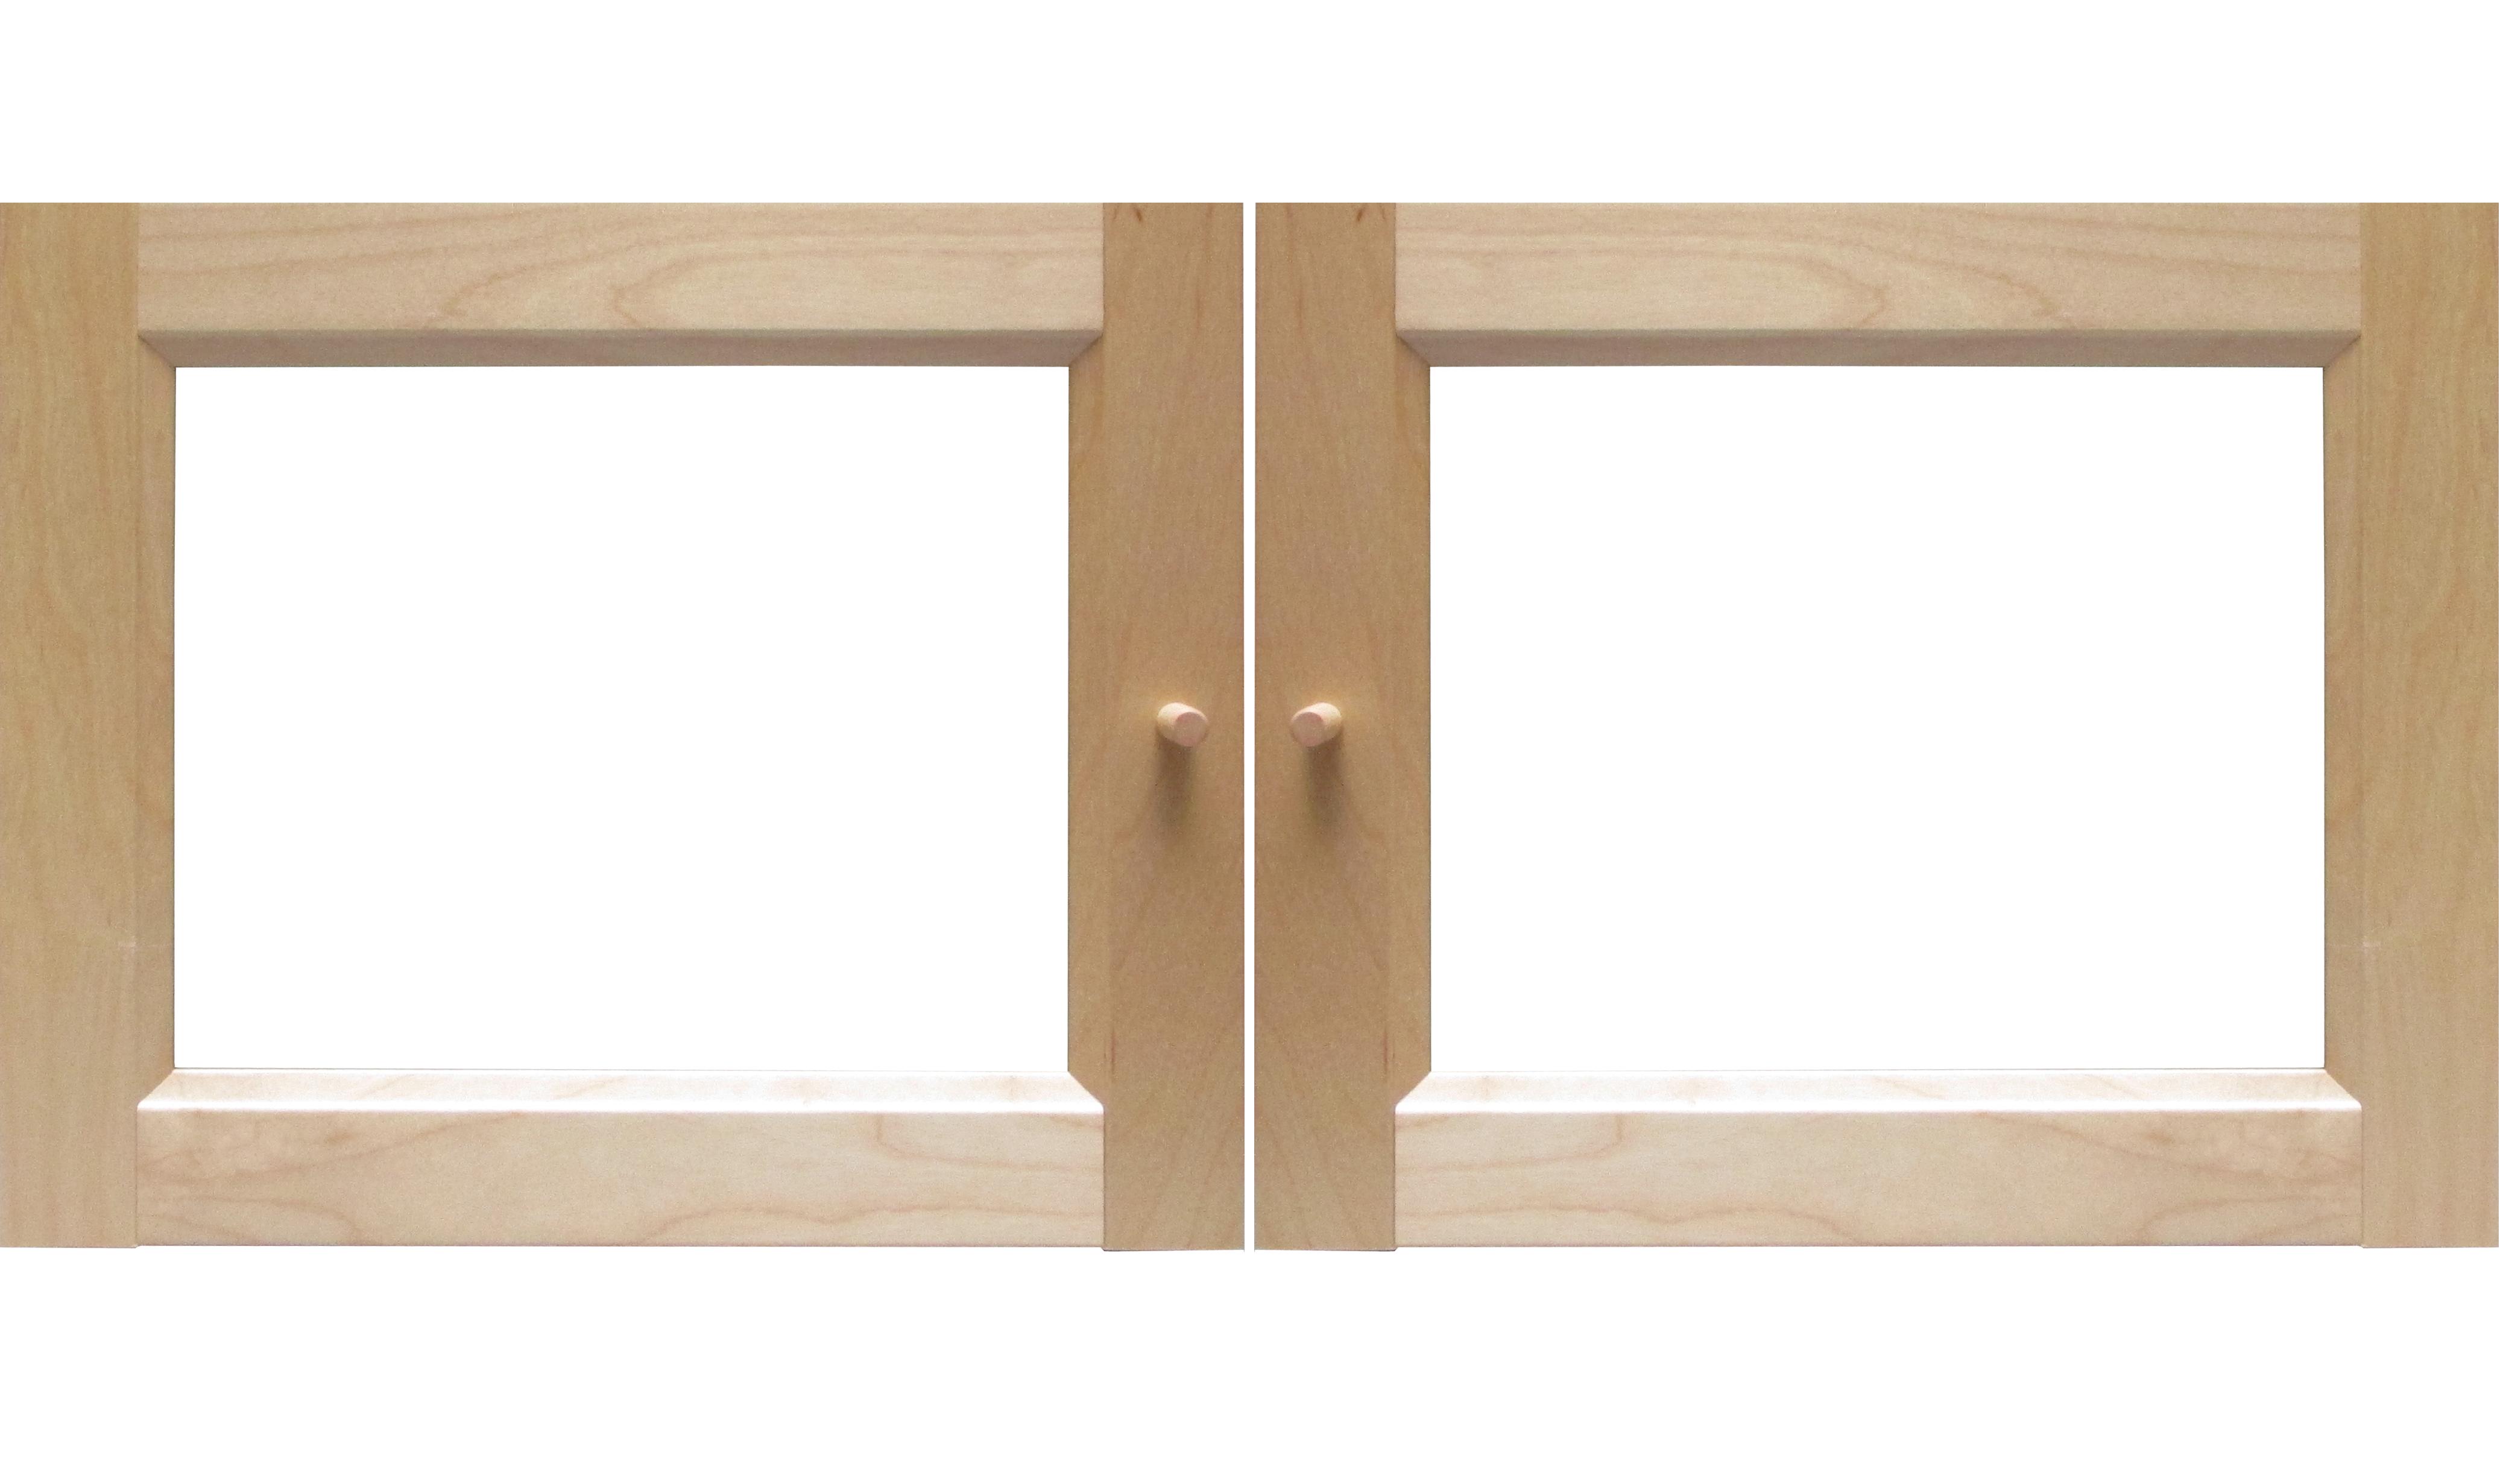 Ikea Vitrinentür ikea billy byom vitrinentüren birke 80x35cm 001 166 75 00116675